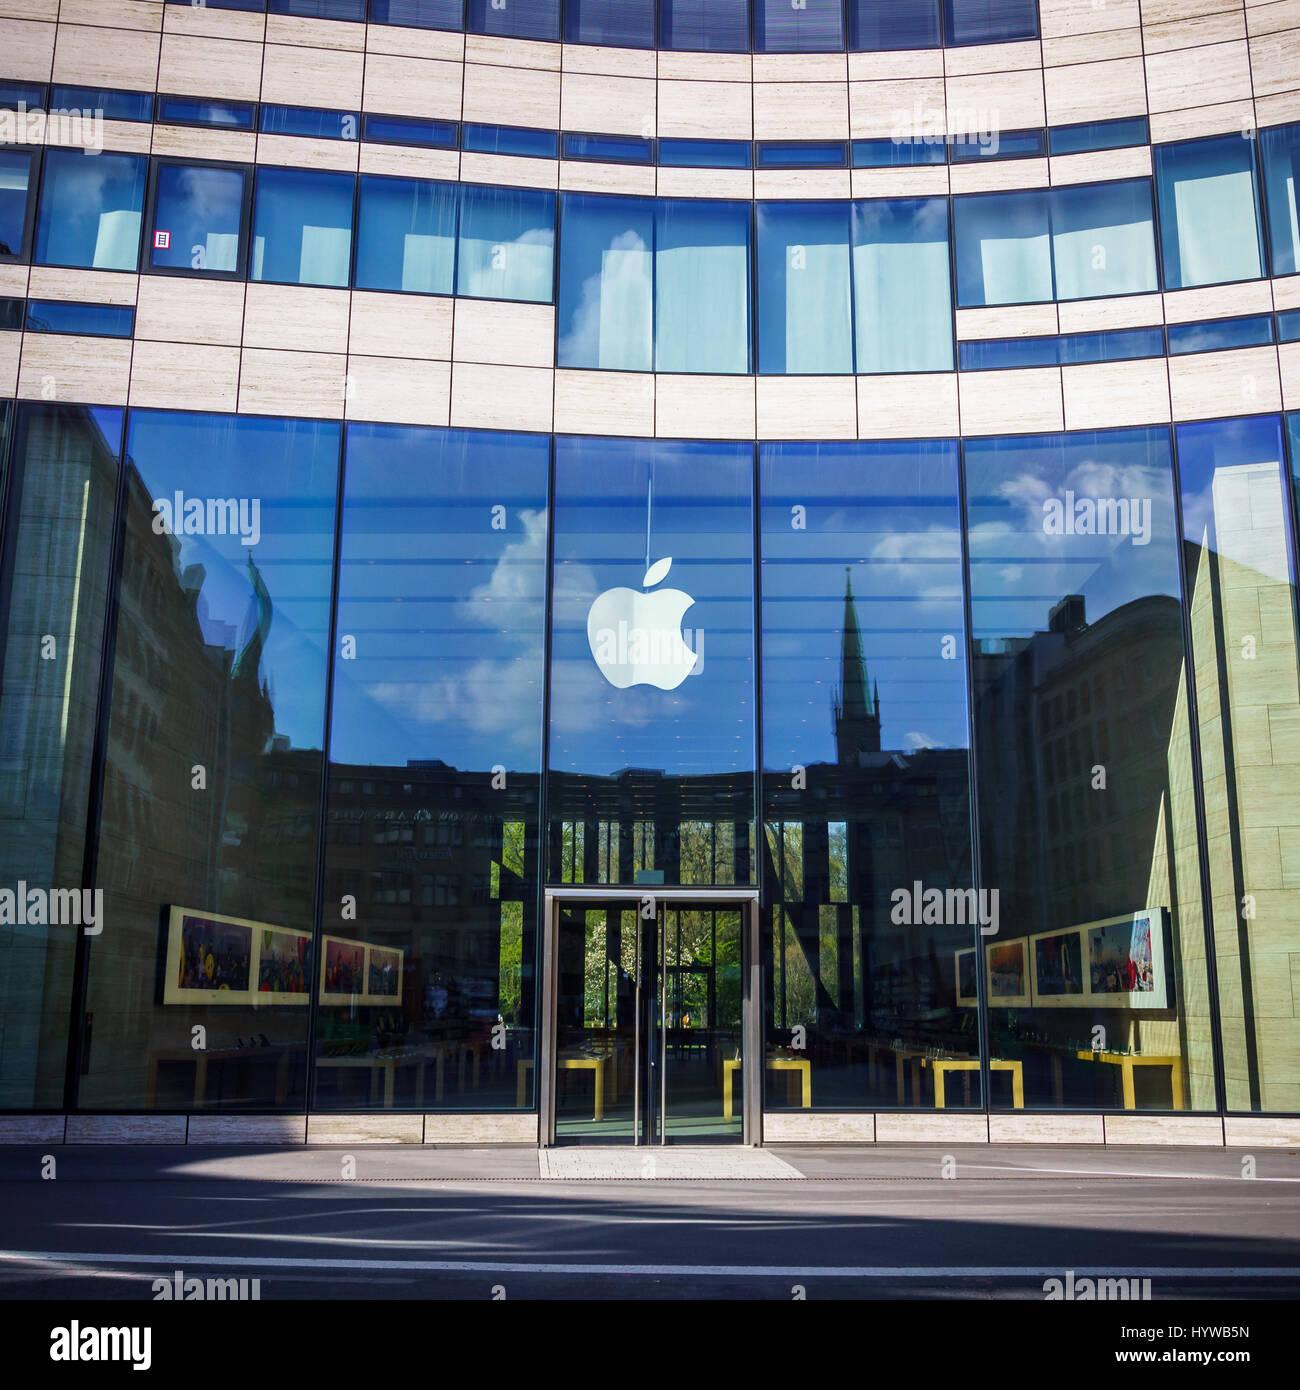 Hypermoderne Düsseldorf, Deutschland - 2. April 2017: The Apple Store, an einem PX-31